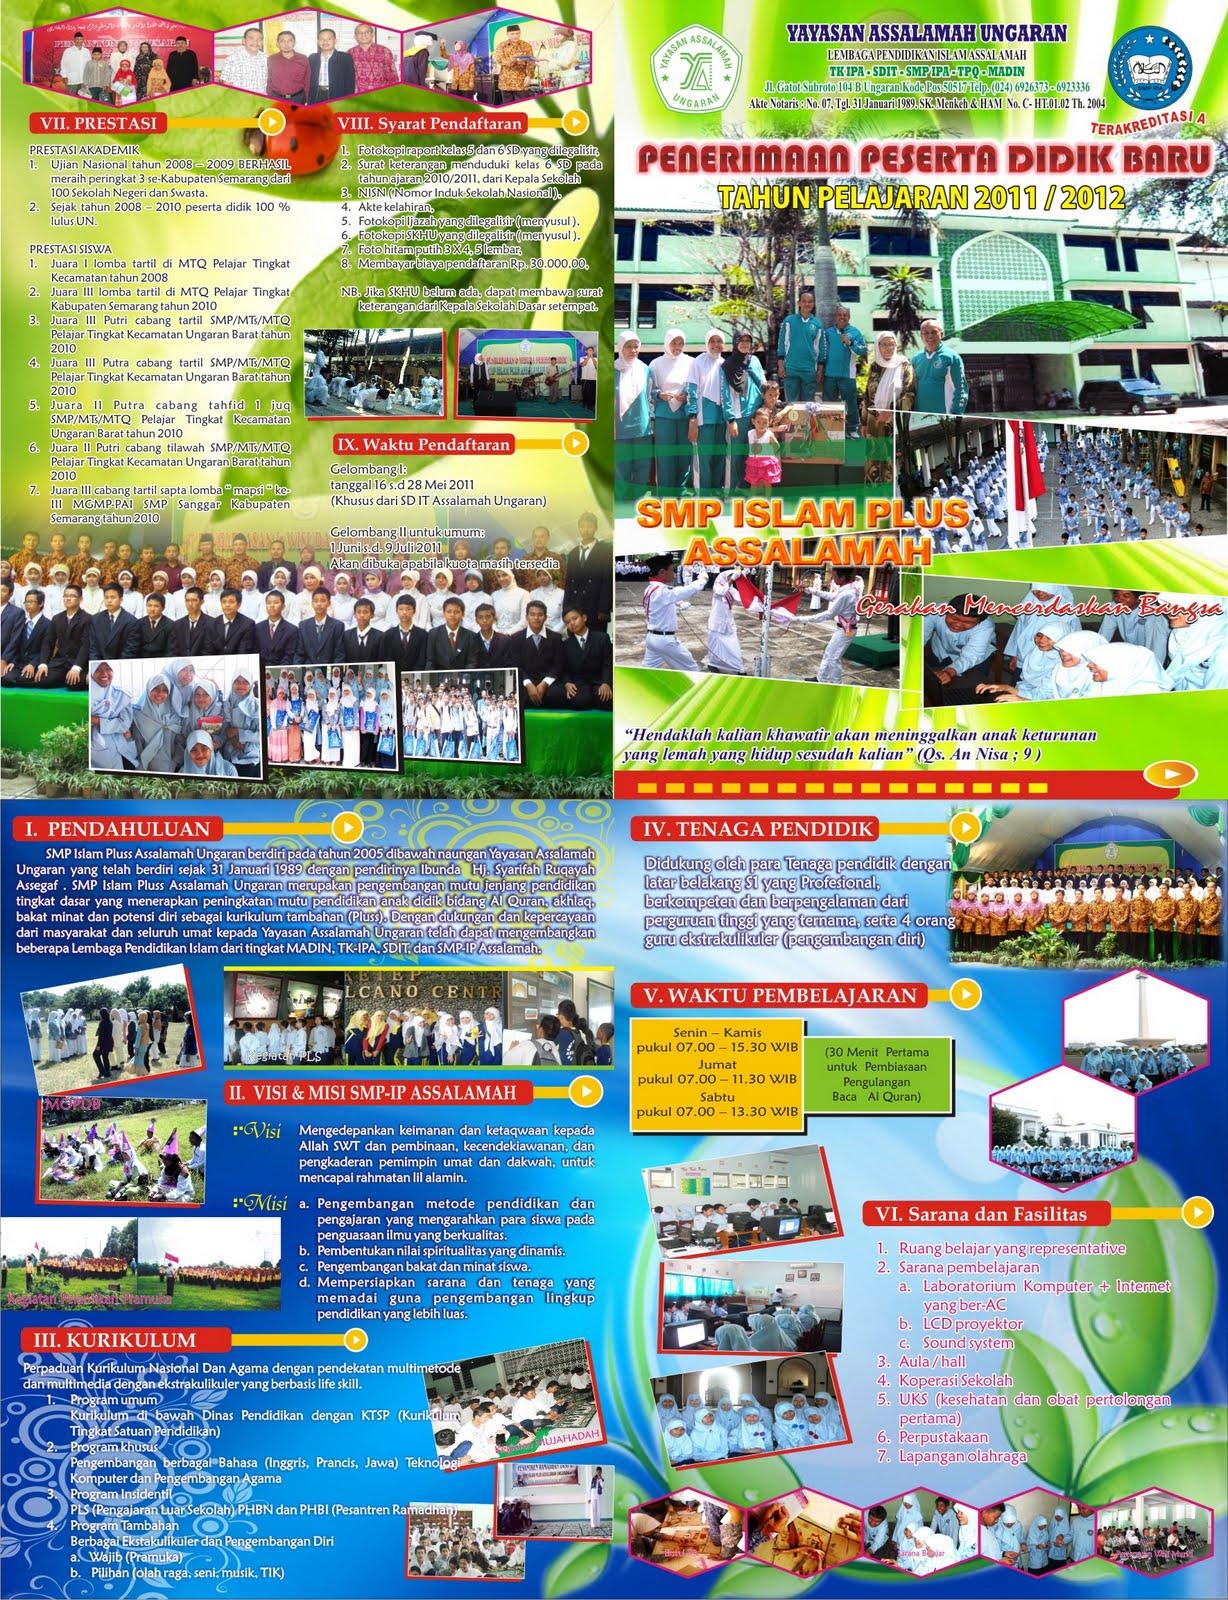 contoh-contoh sekolah smp brosur sekolah menarik